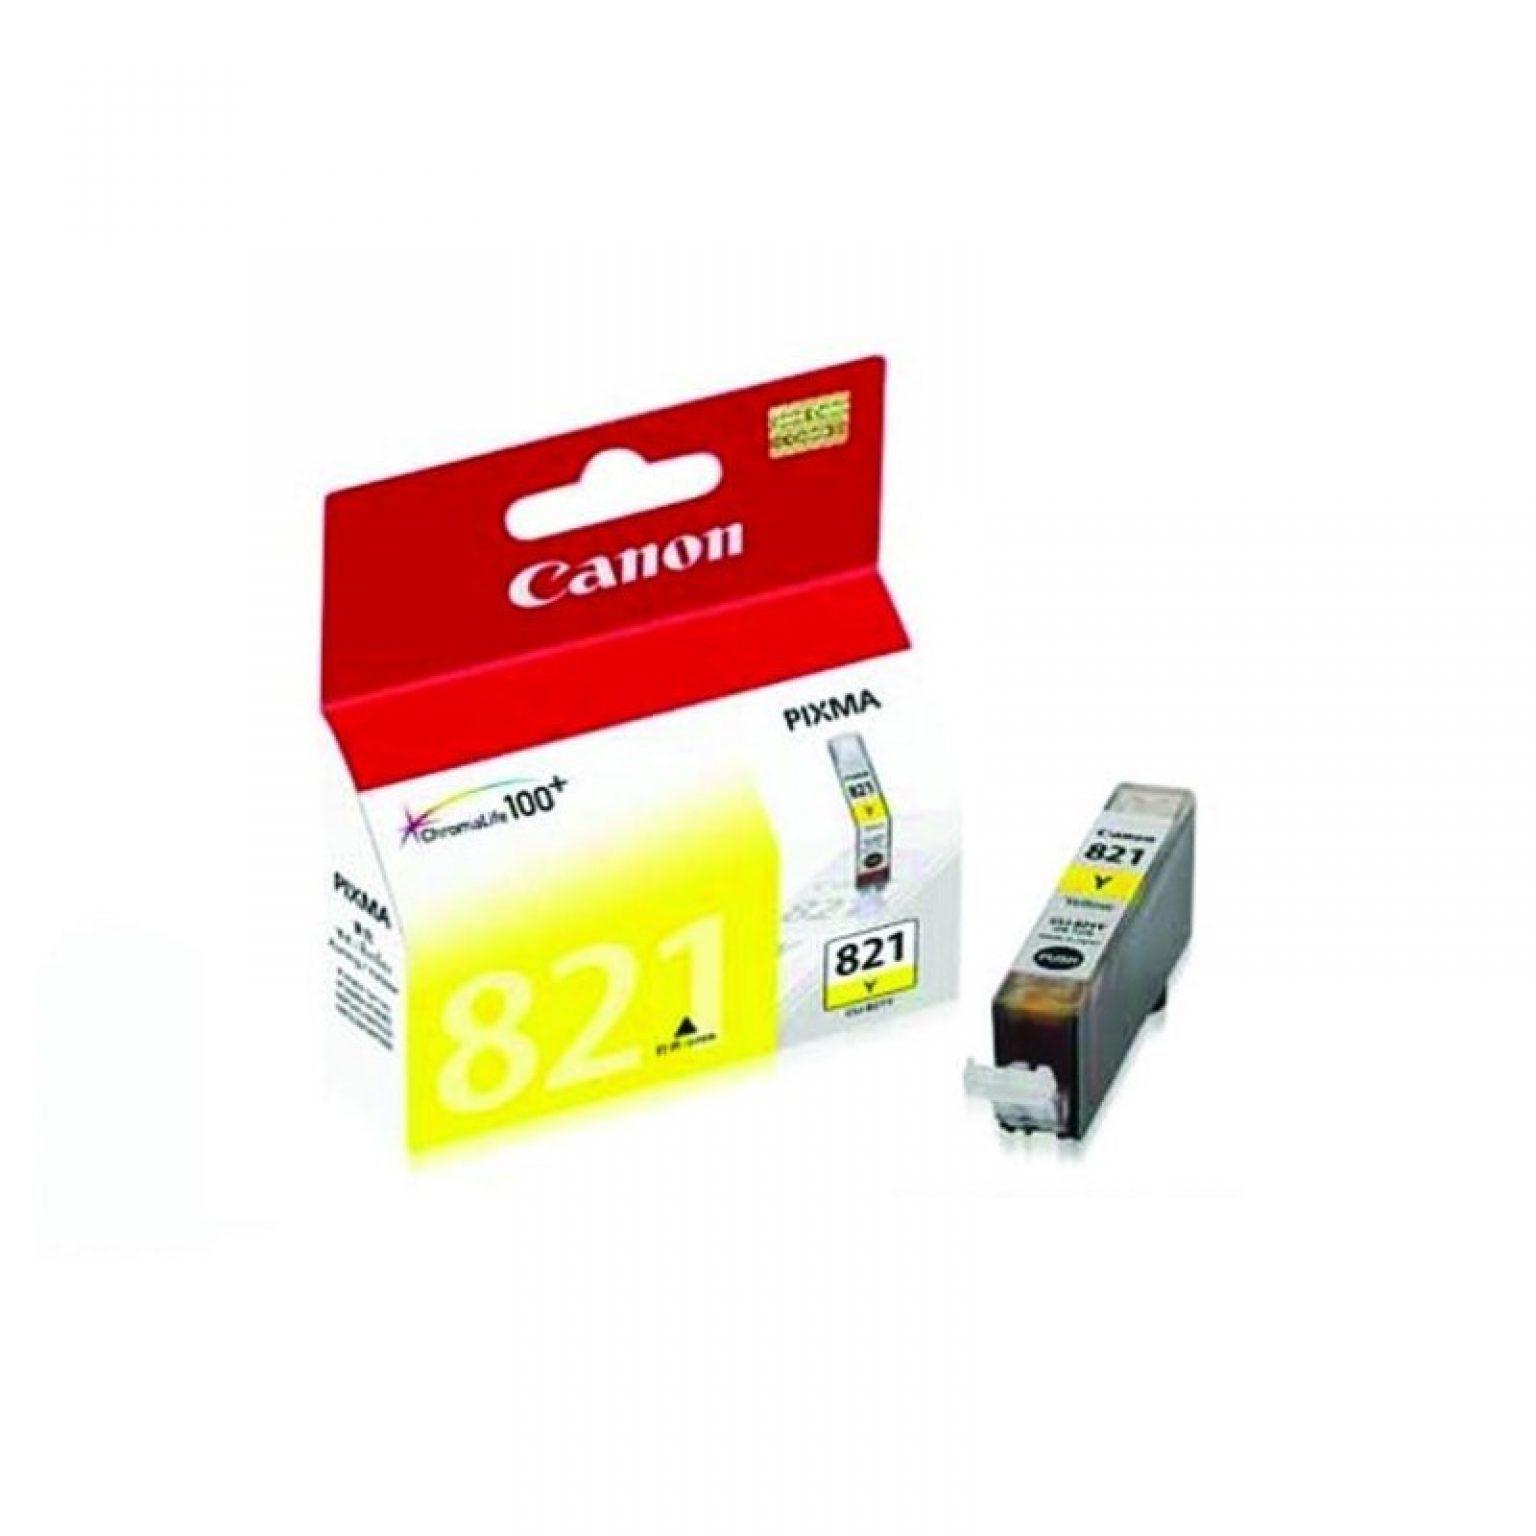 CANON - Ink Cartridge CLI-821 Yellow [CLI821Y]